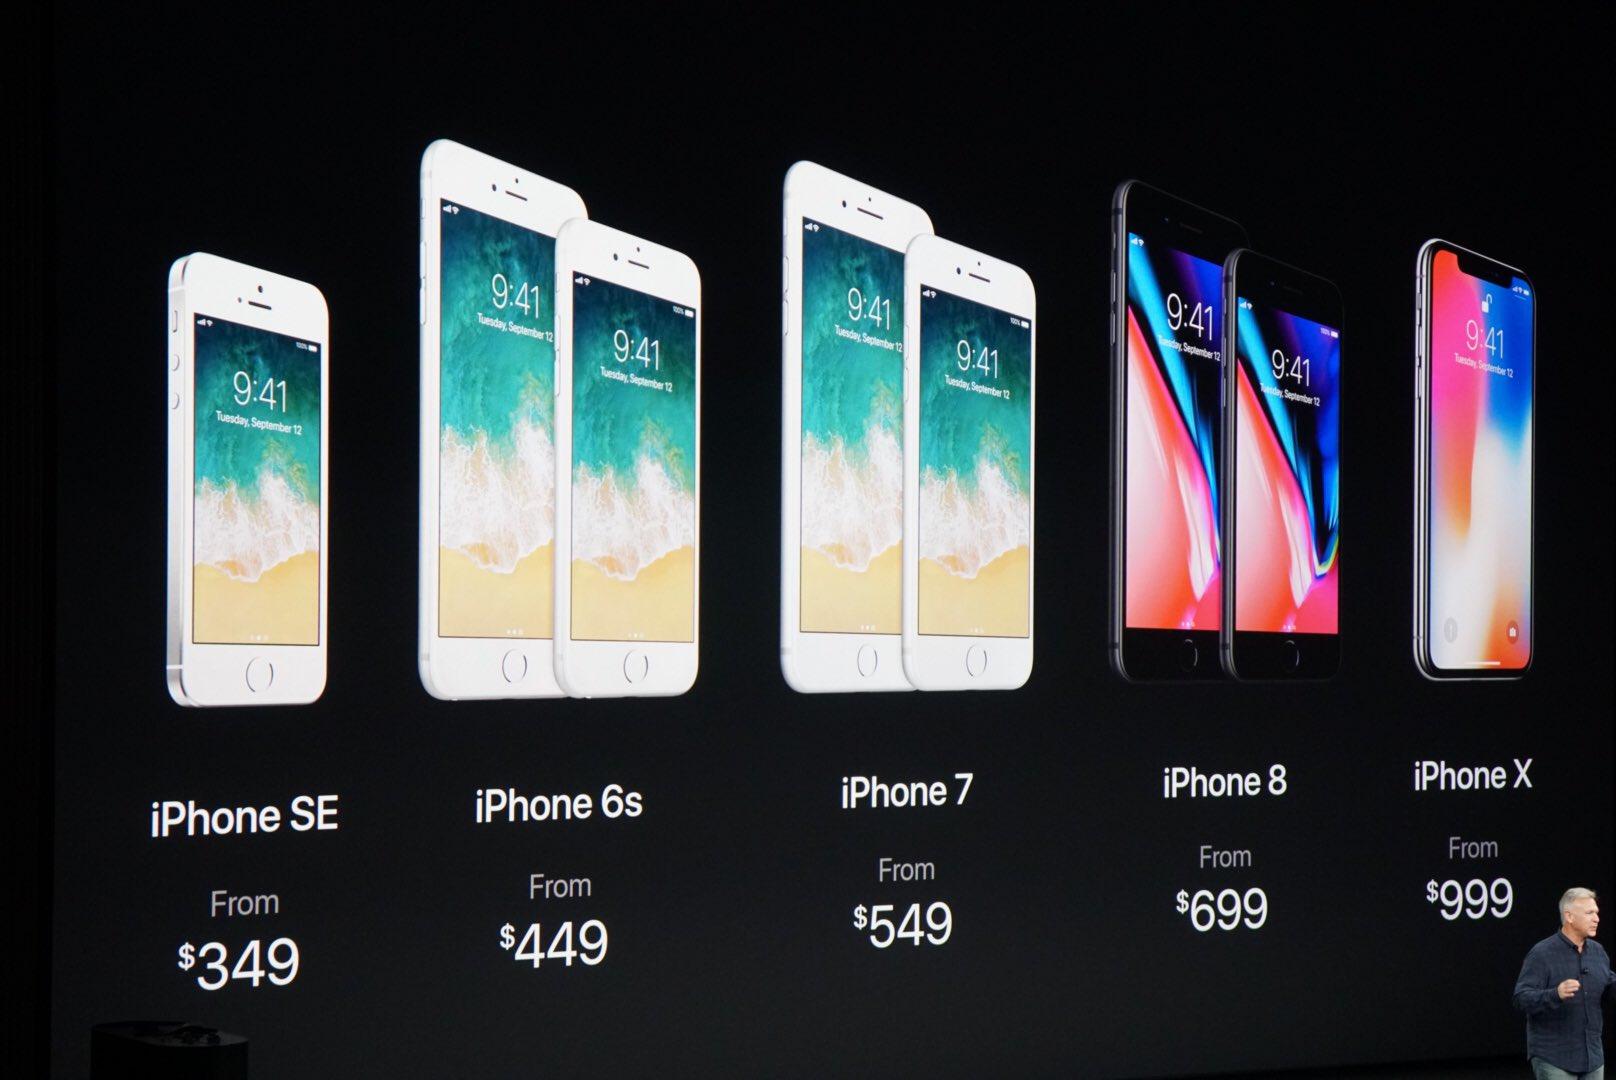 Full line up!!  iPhone X ships Nov 3 - preorder Oct 27!! $999 https://t.co/fobfLtN6sV